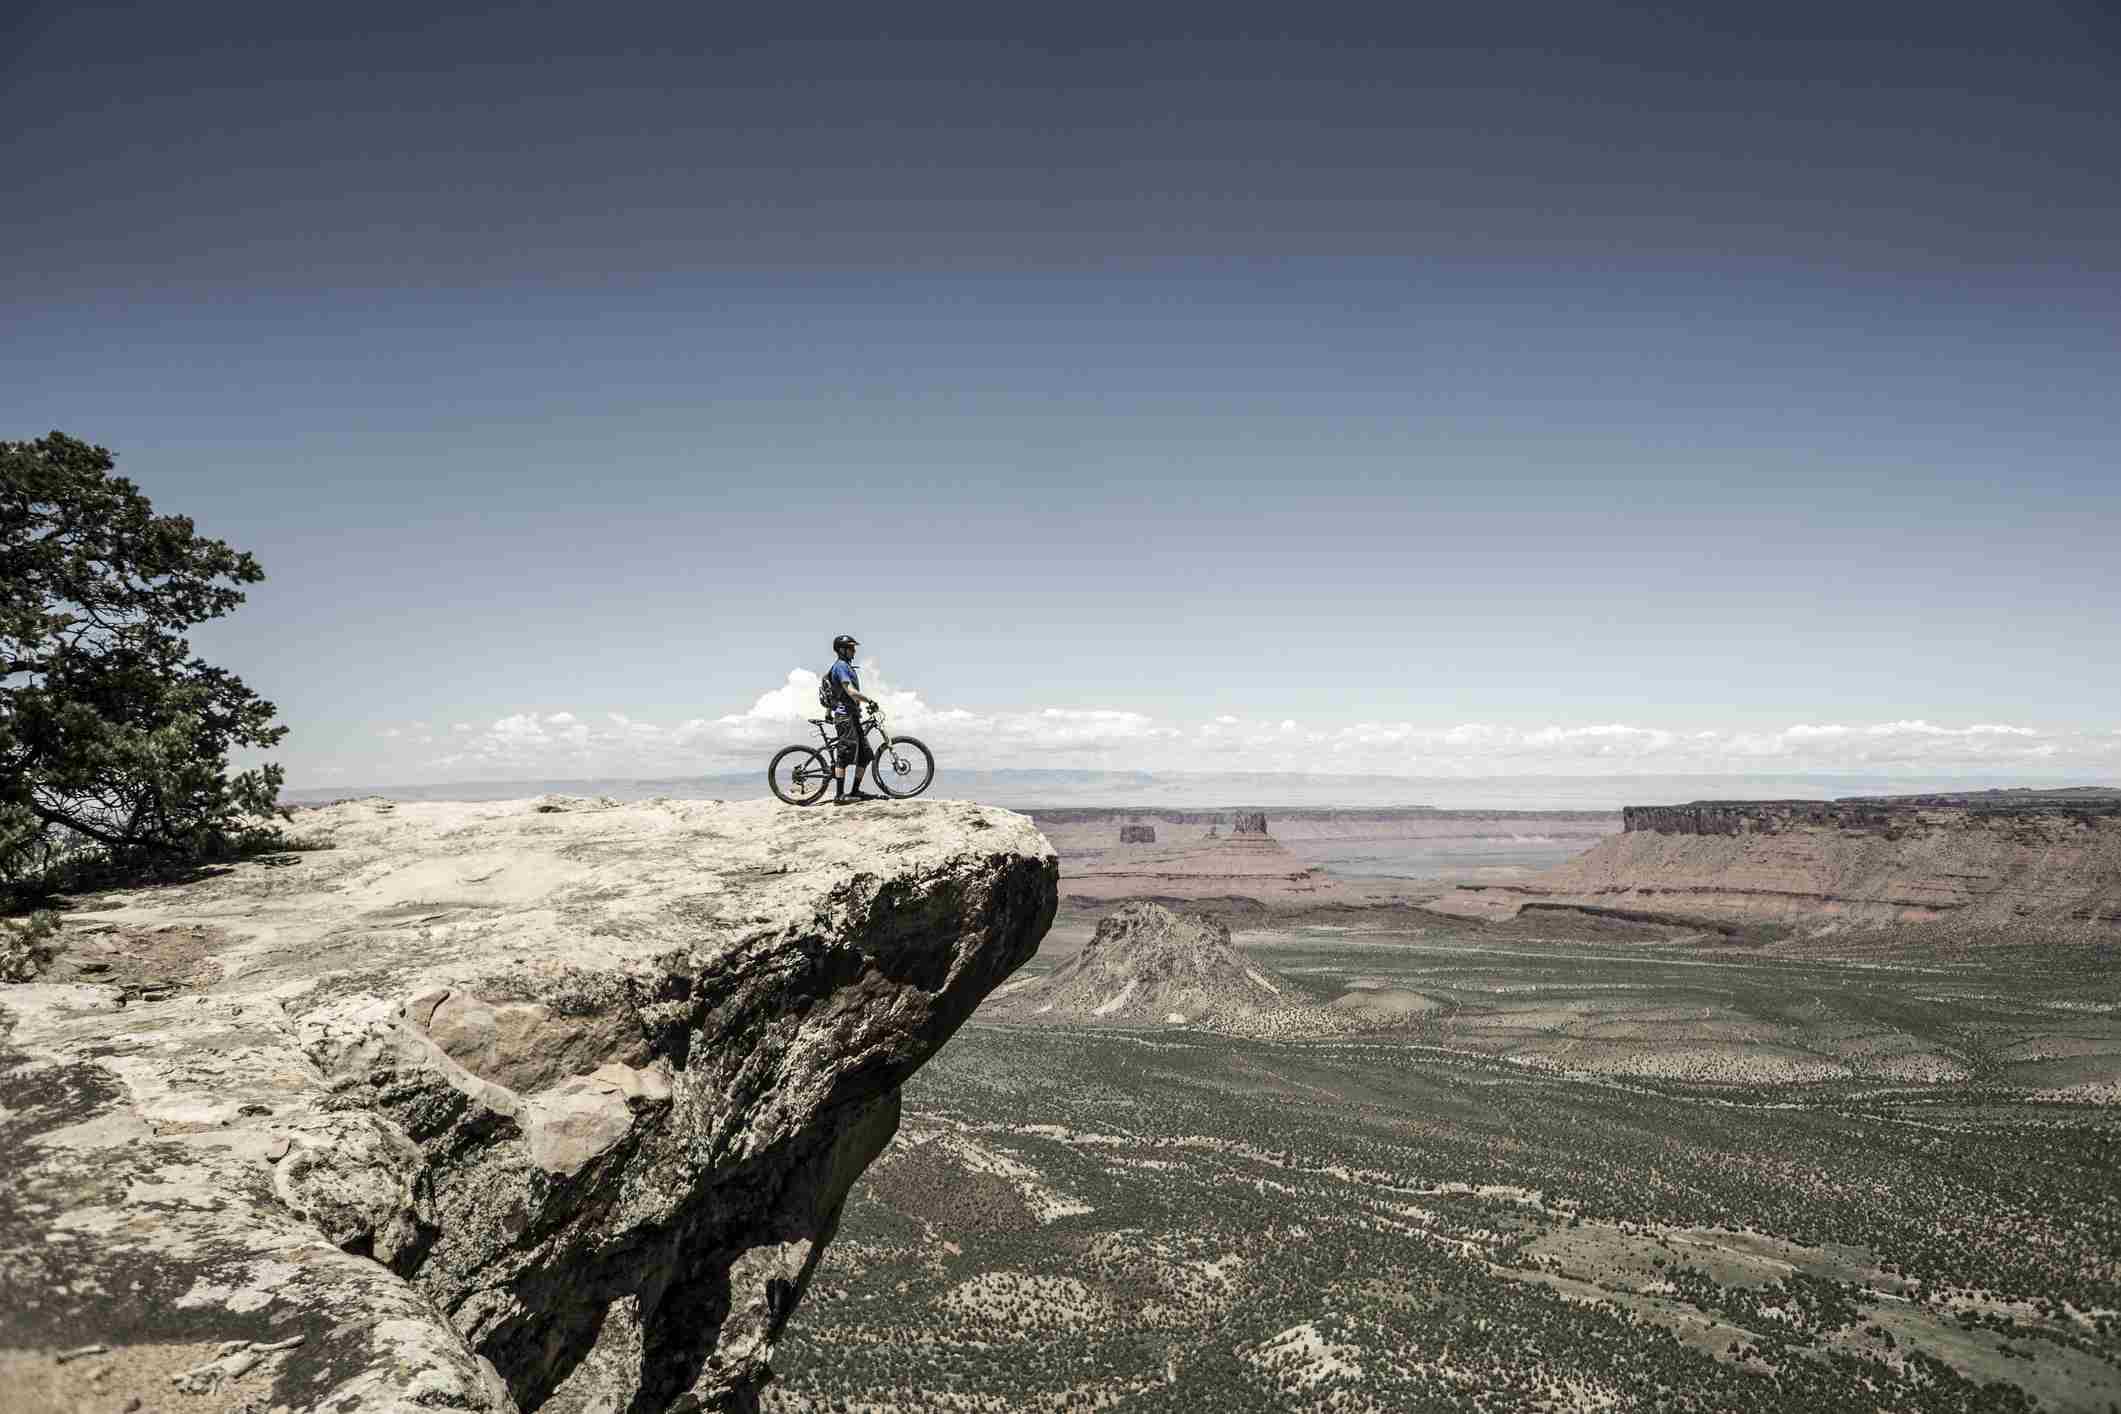 Hombre de pie junto a la bicicleta de montaña en el borde de un acantilado